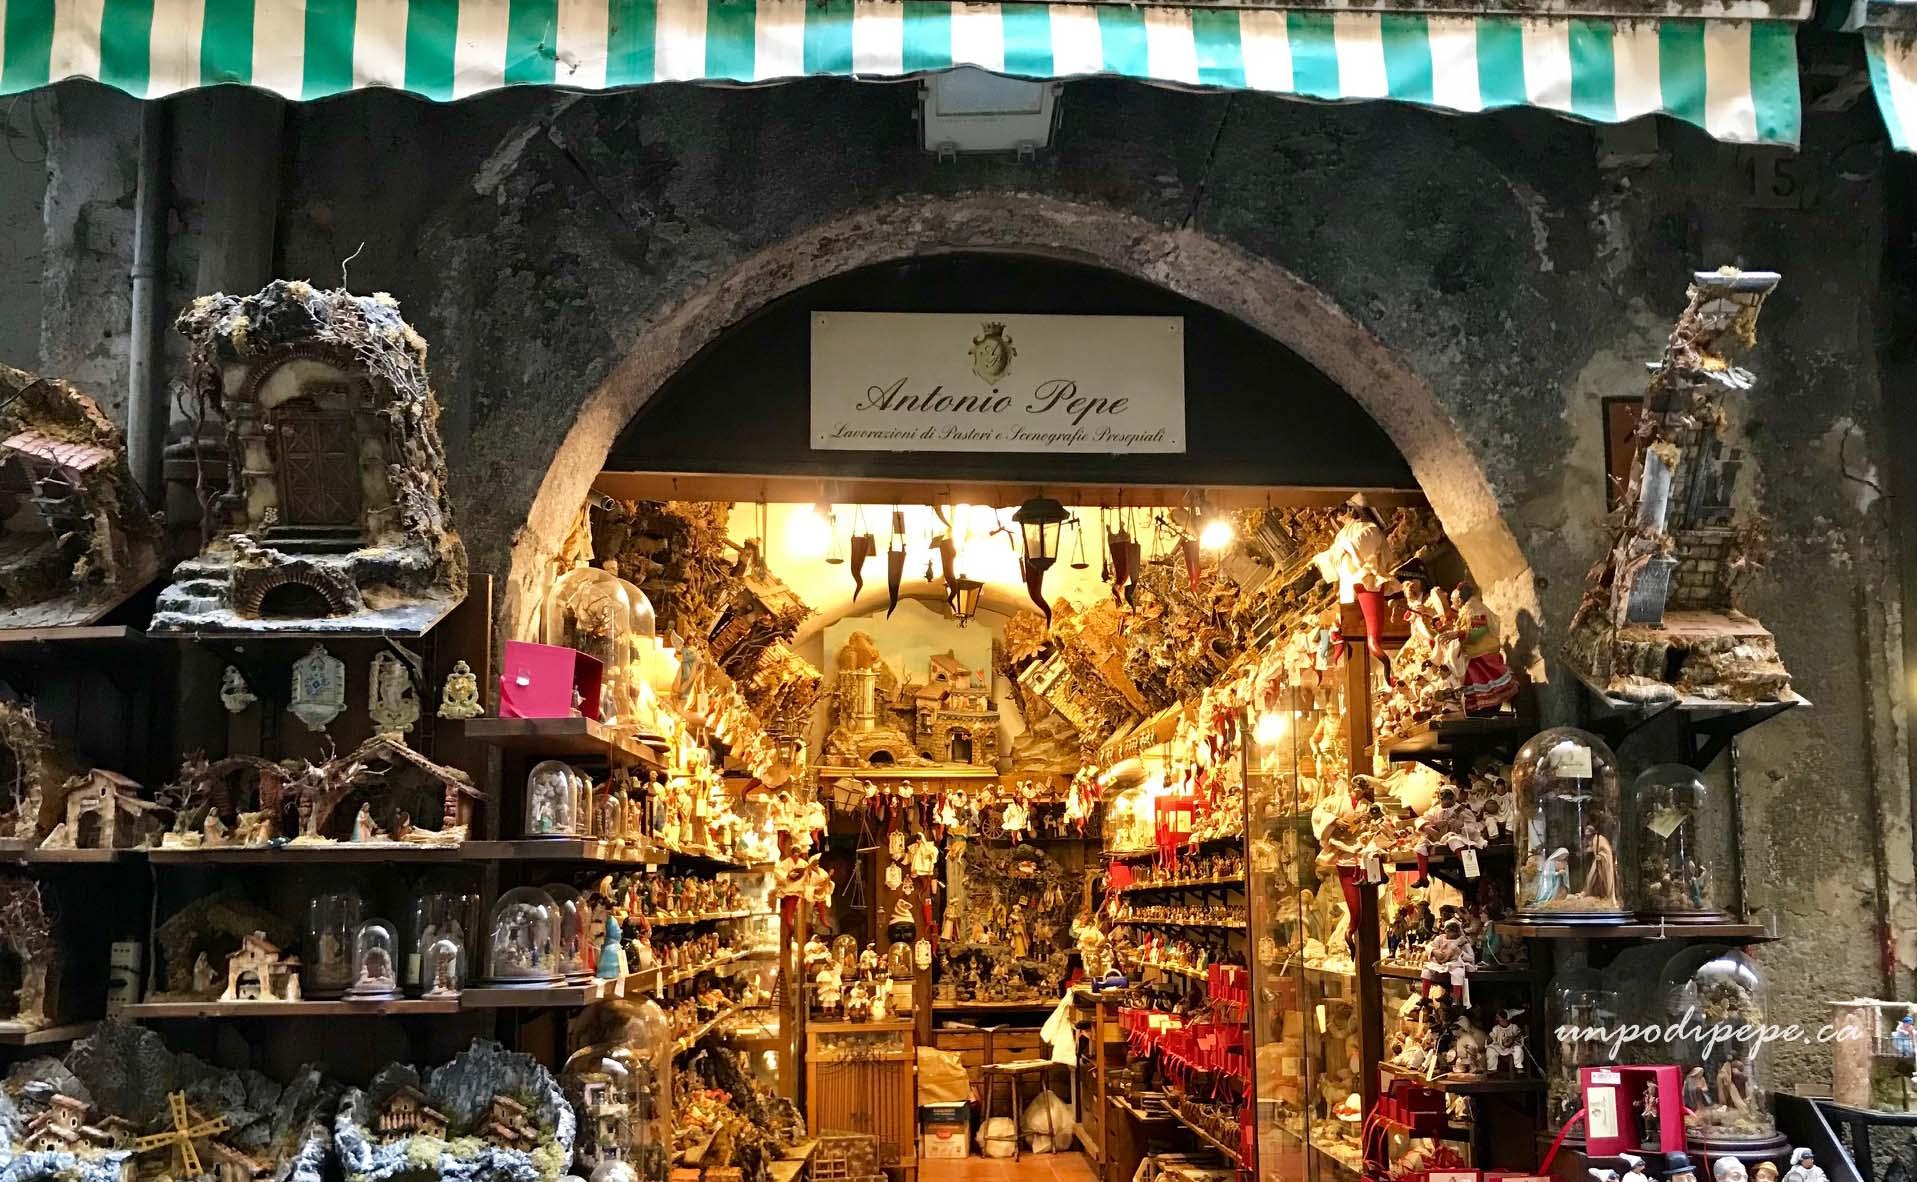 Via San Gregorio Armeni Napoli, Antonio Pepe, www.unpodipepe.ca